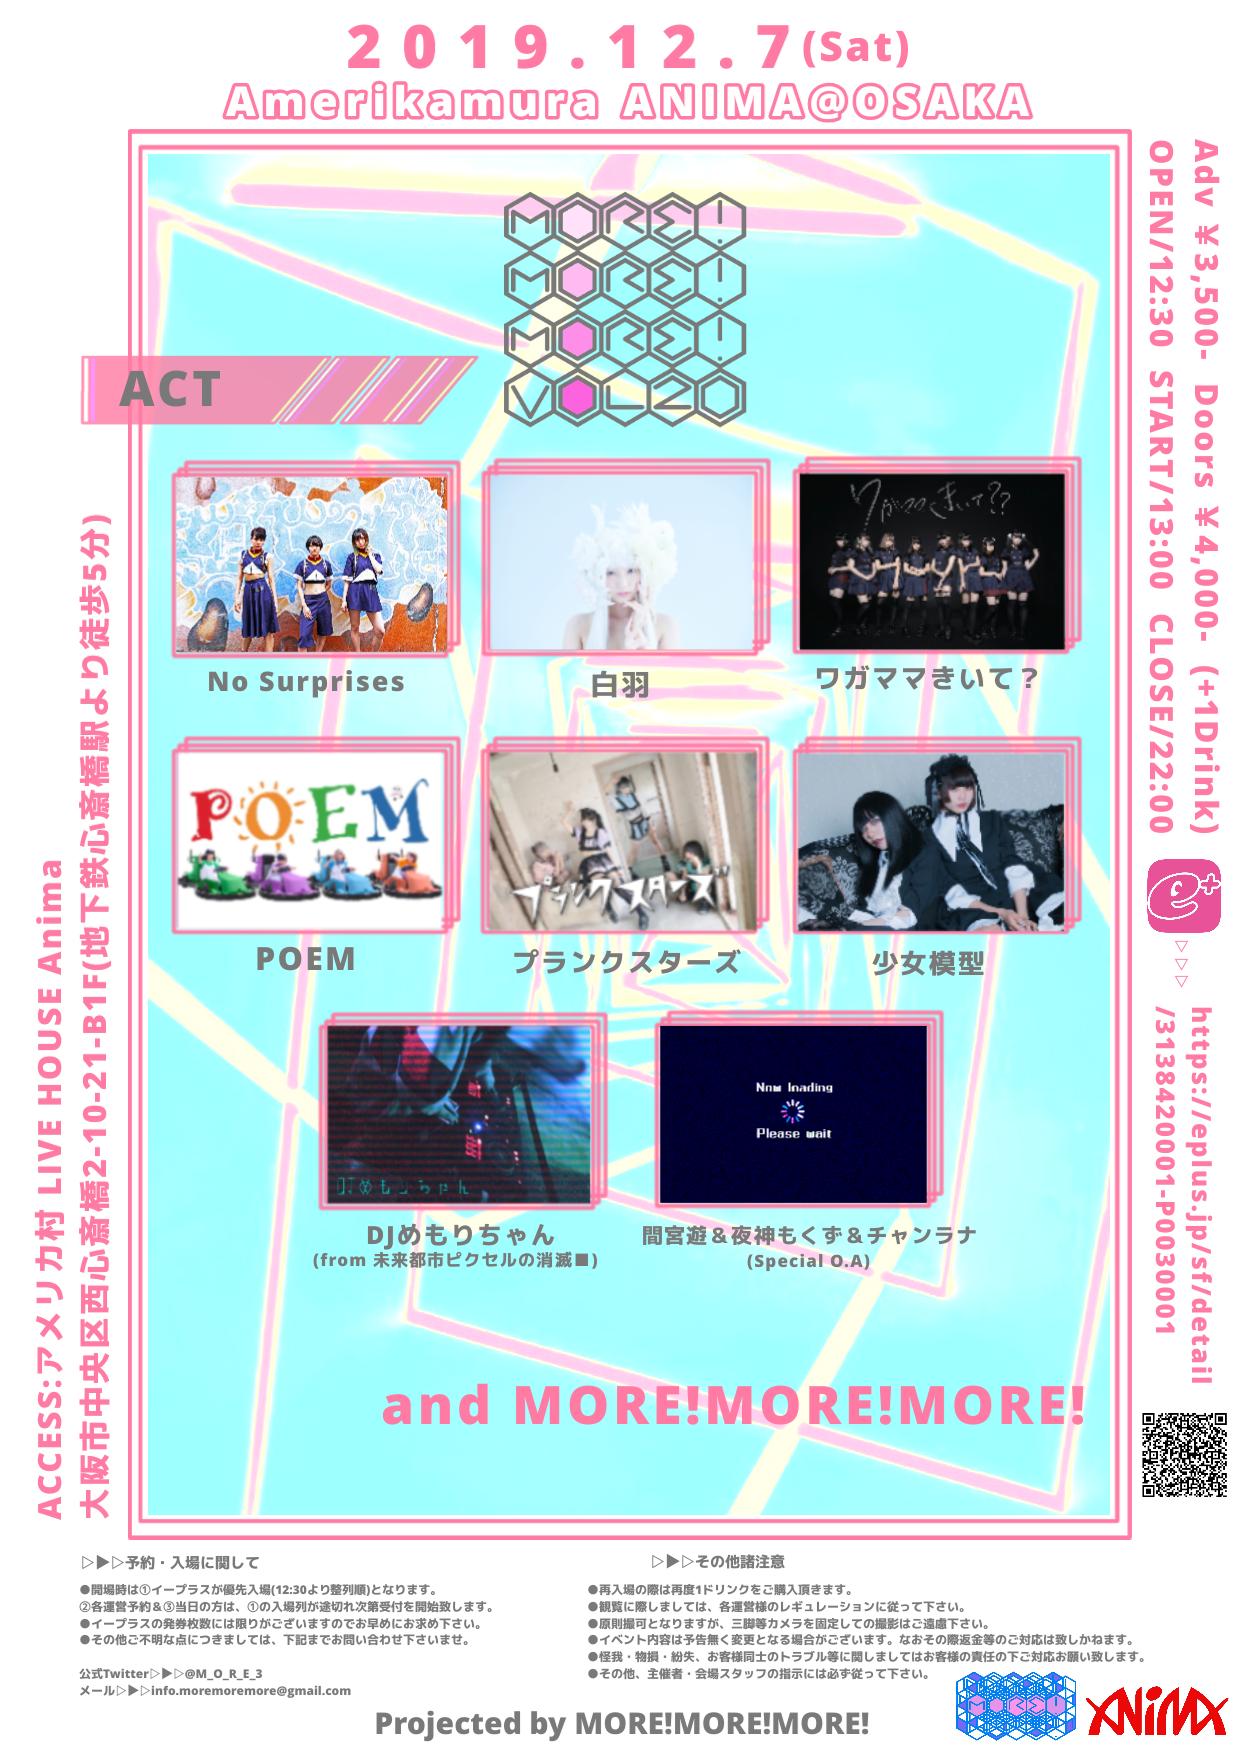 2019.12.07 『MORE!MORE!MORE! VOL.20』